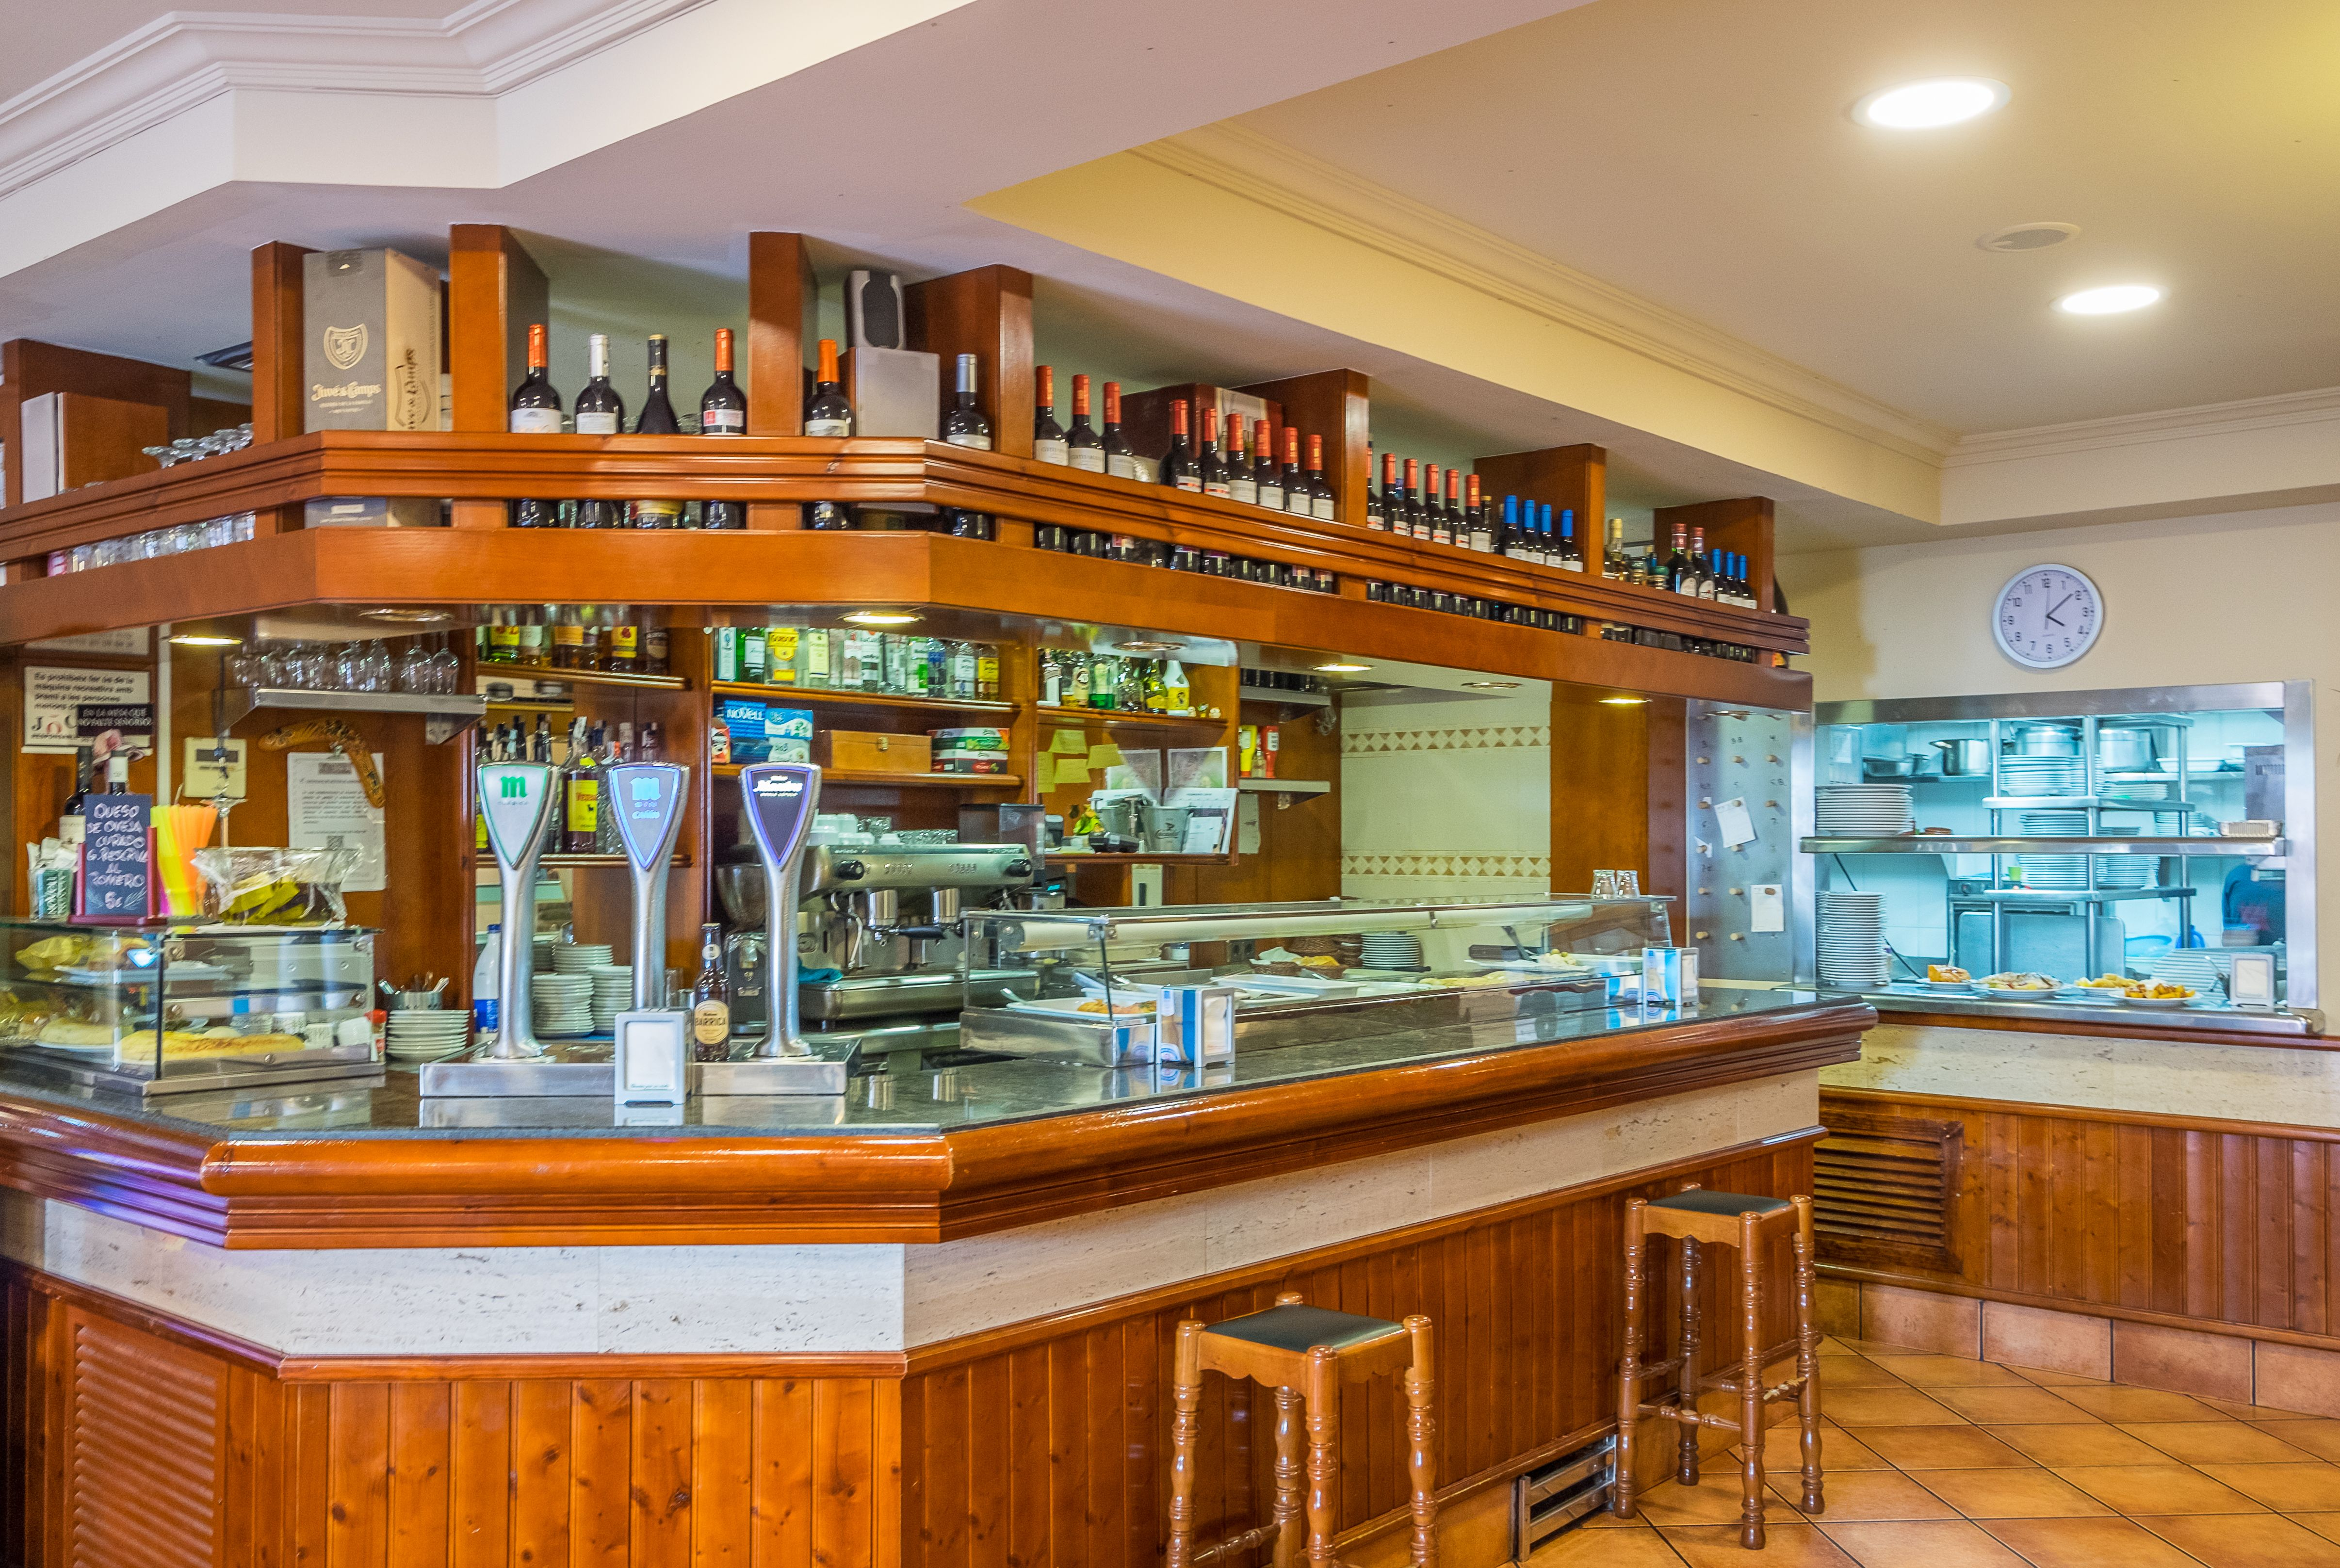 Foto 2 de Cocina andaluza en Barcelona   Bar Restaurante El Mirador de Carmelo II